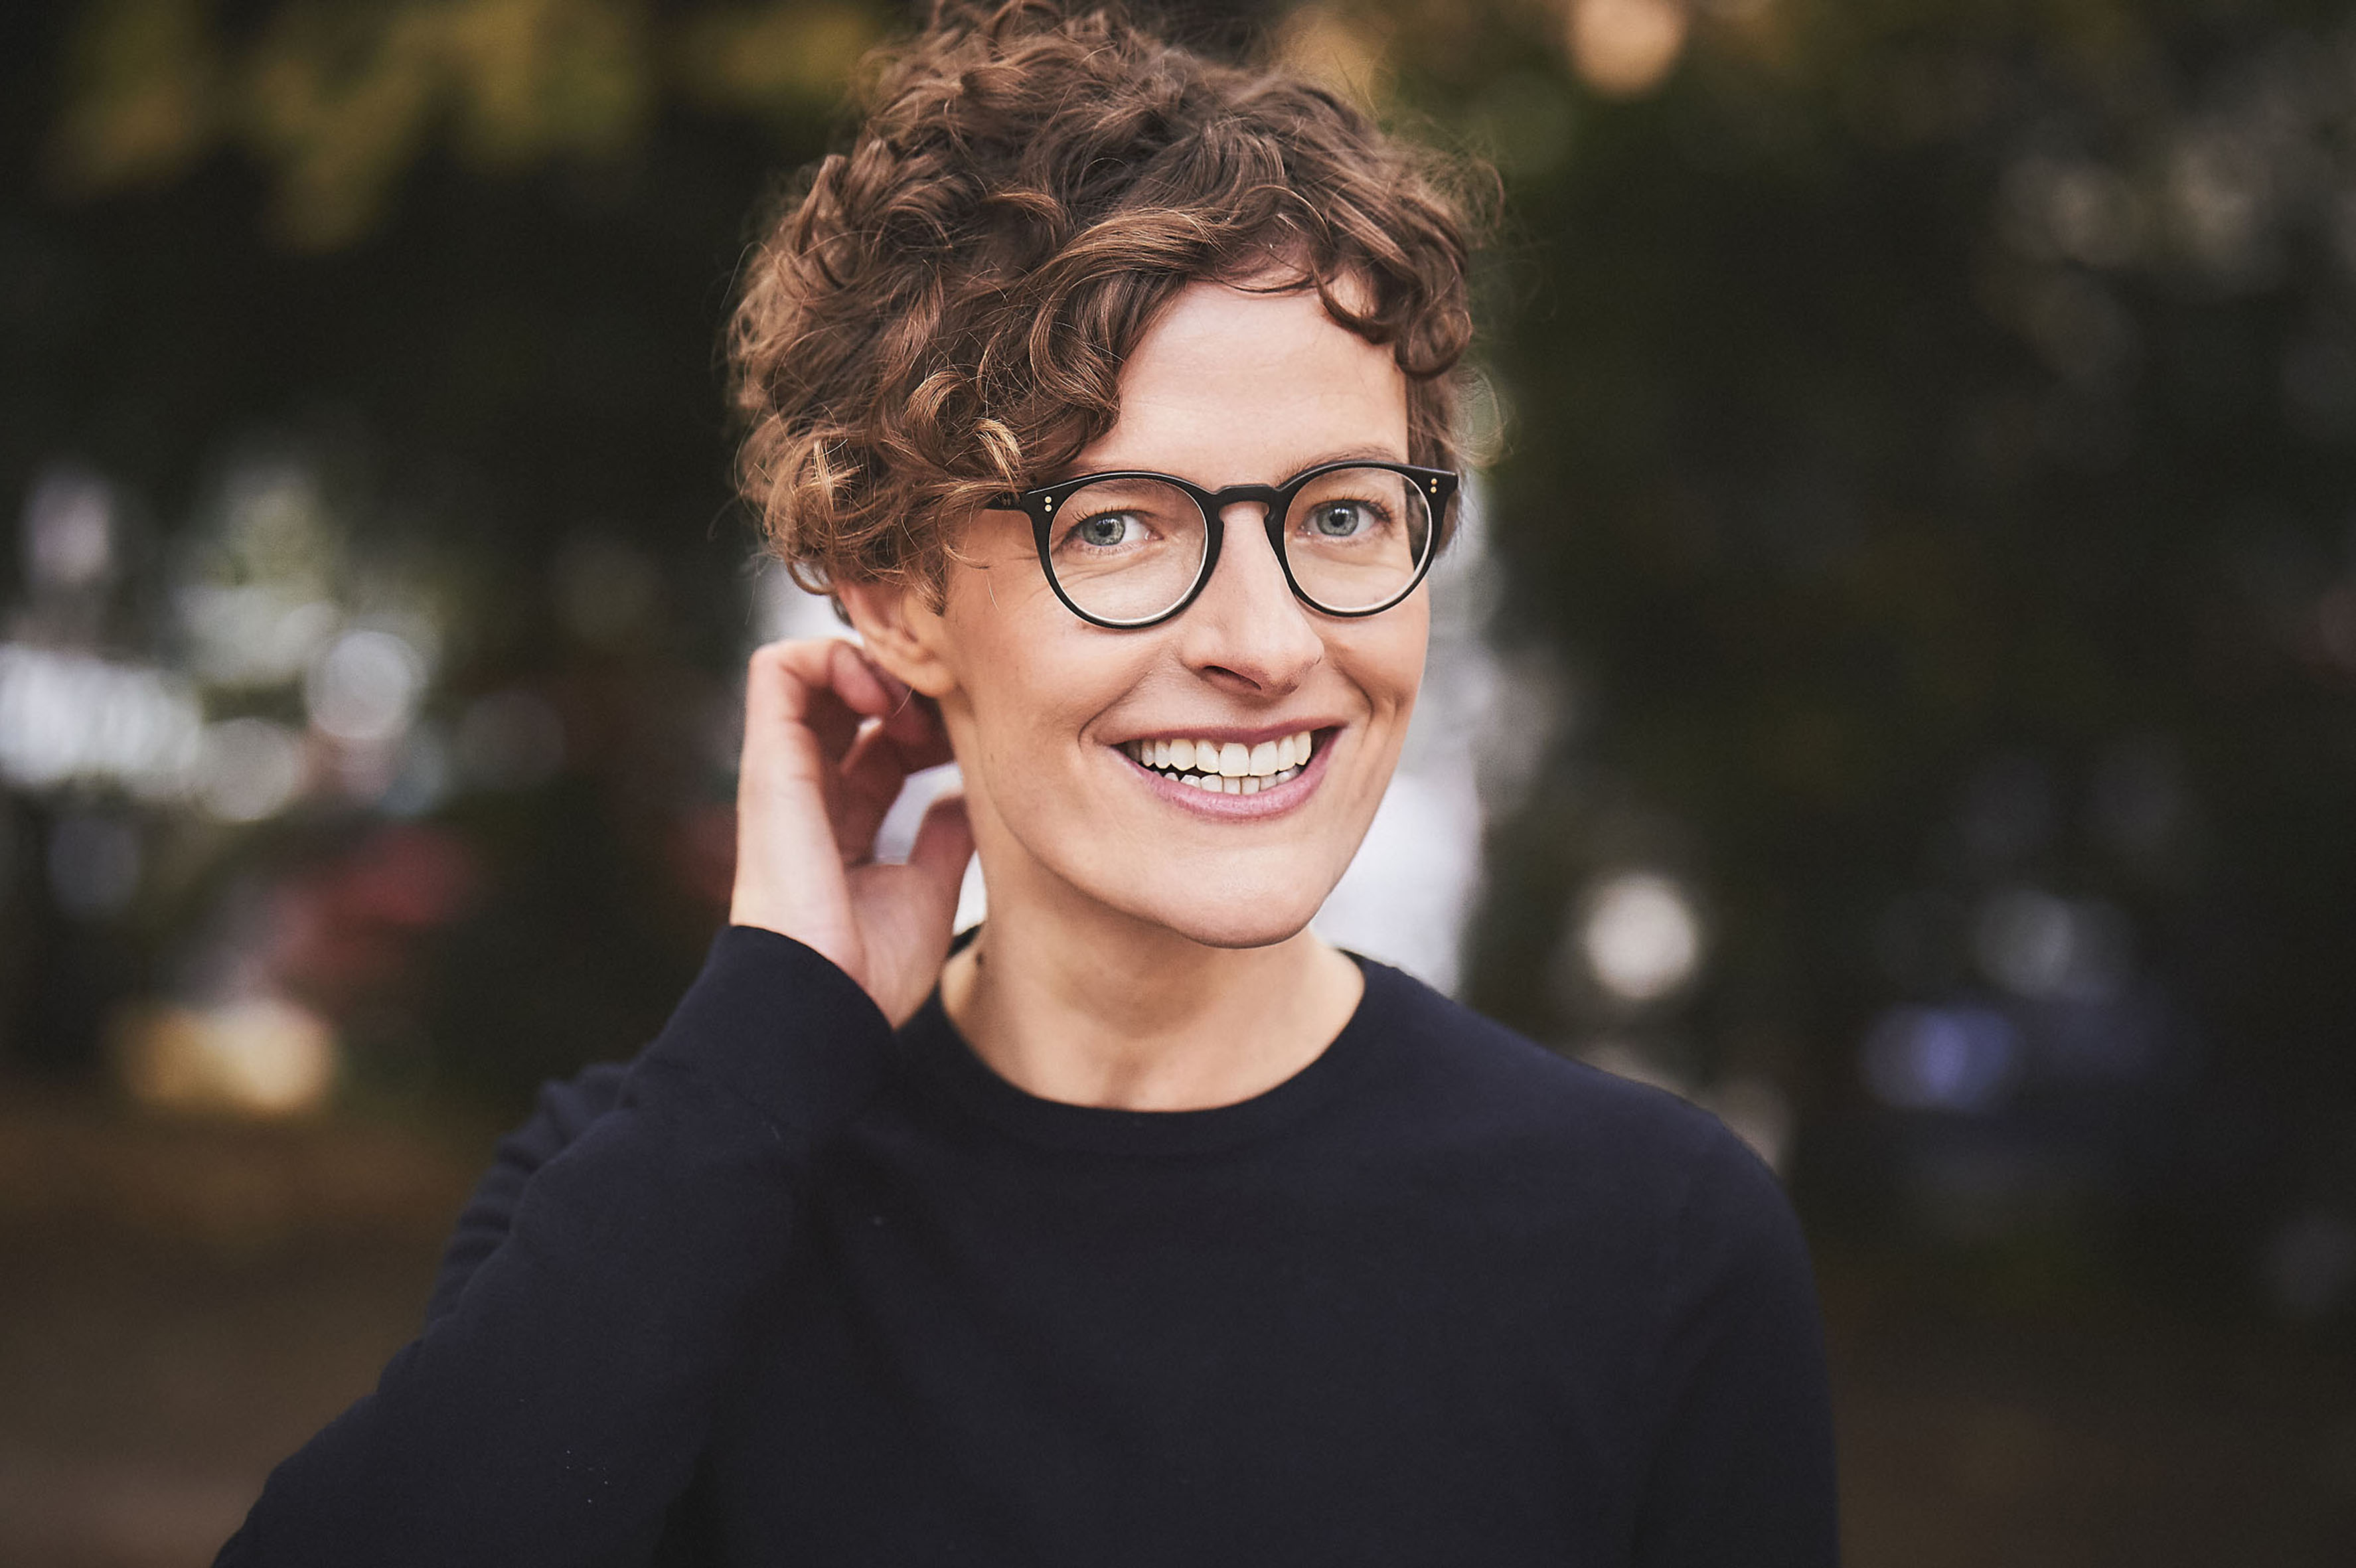 +++ABGESAGT+++ Julia Fritzsche: Tiefrot und radikal bunt - Für eine neue linke Erzählung @ zakk, Studio